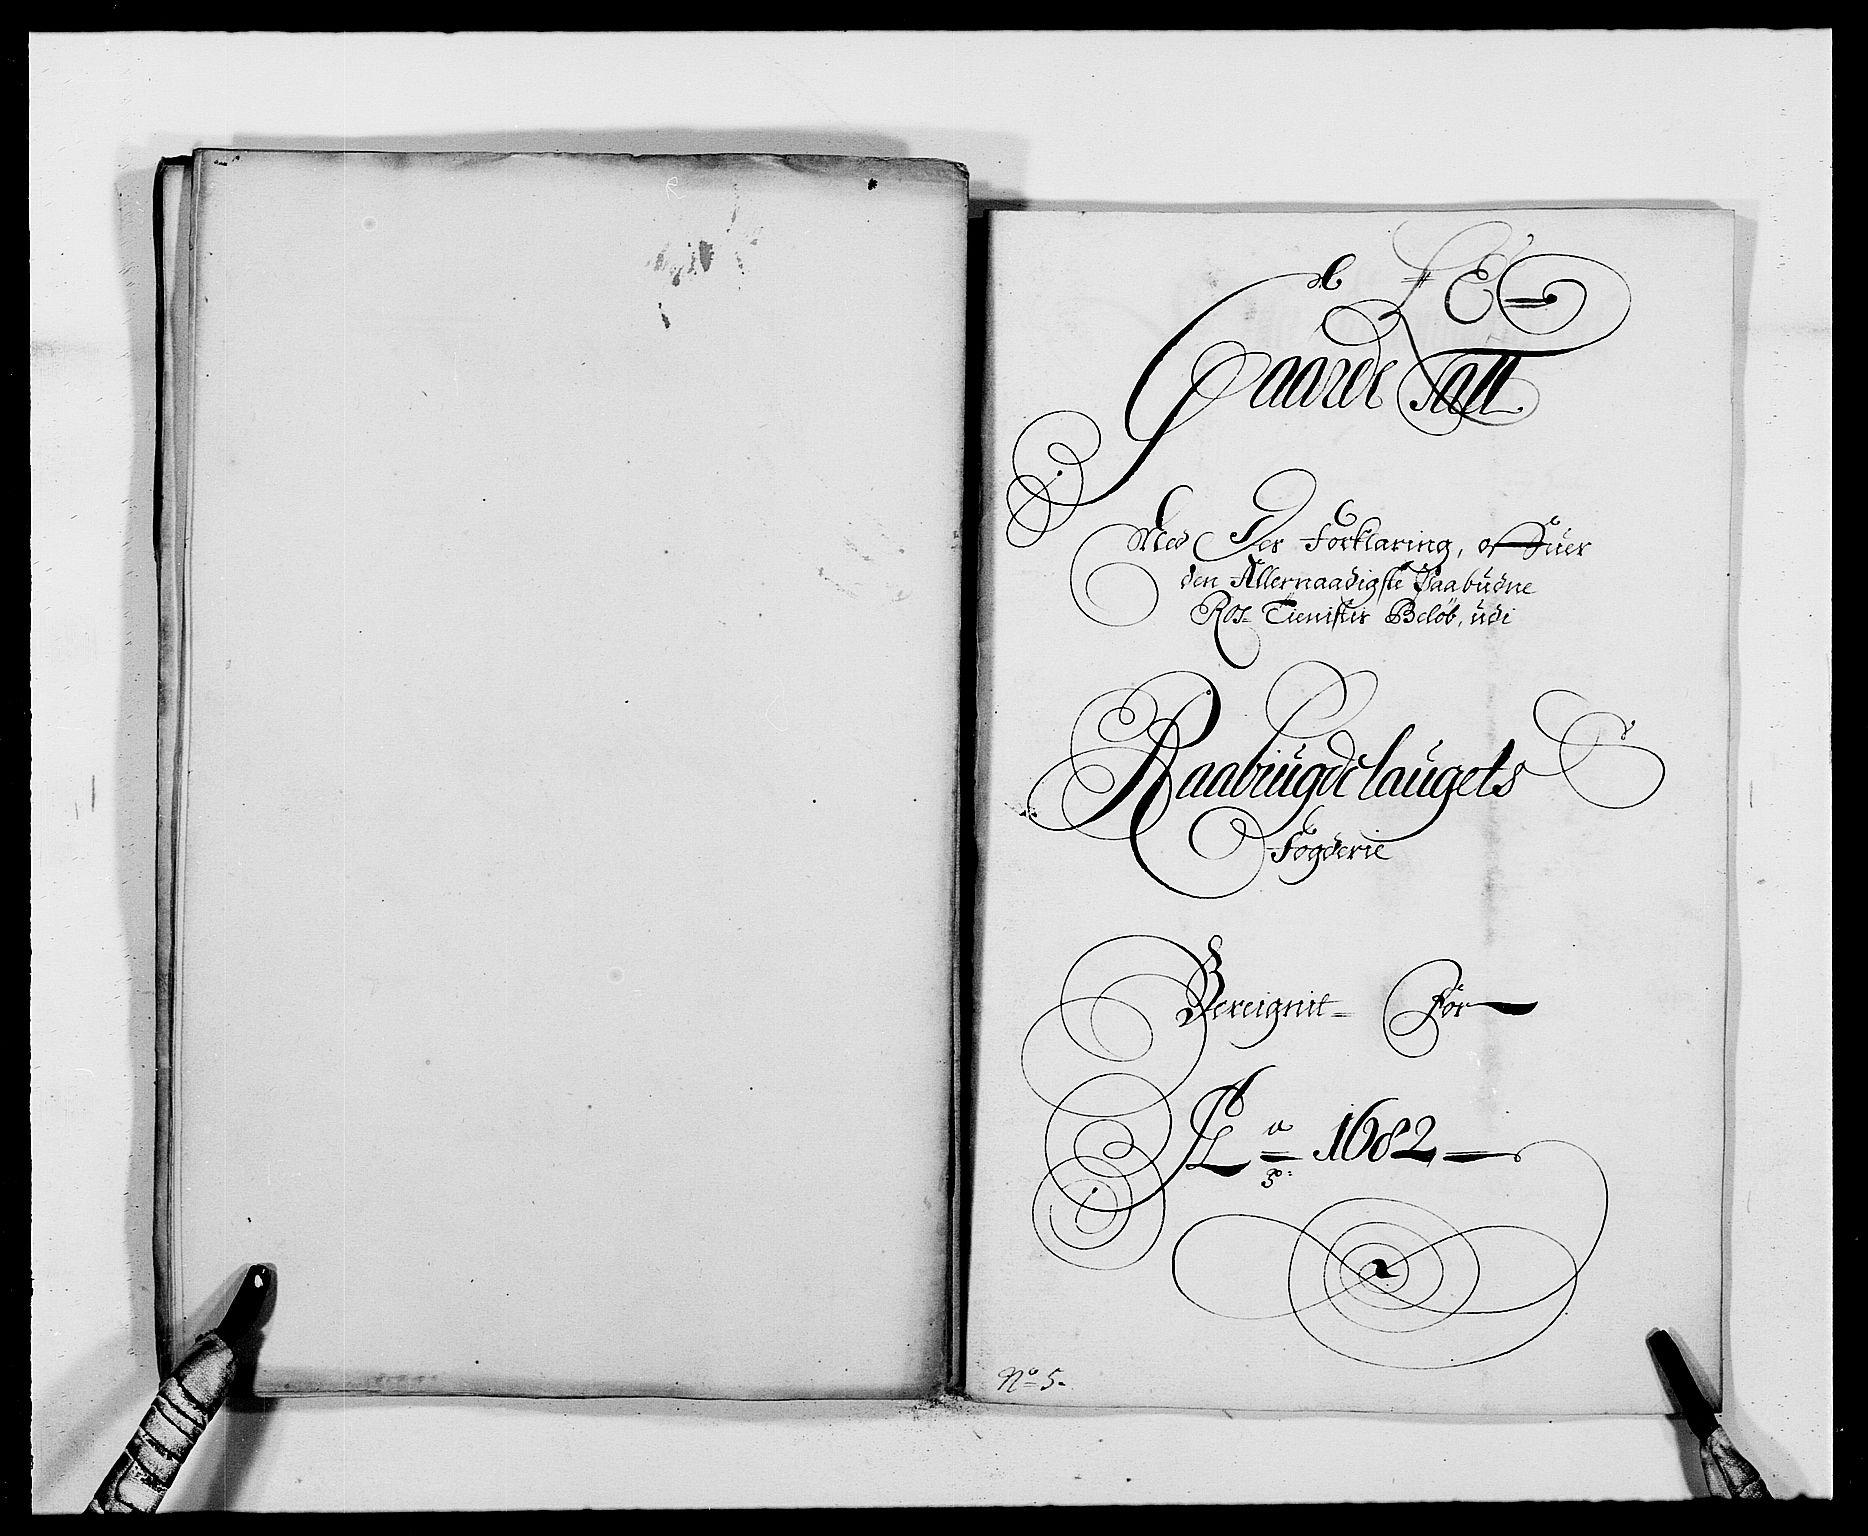 RA, Rentekammeret inntil 1814, Reviderte regnskaper, Fogderegnskap, R40/L2438: Fogderegnskap Råbyggelag, 1682-1683, s. 57